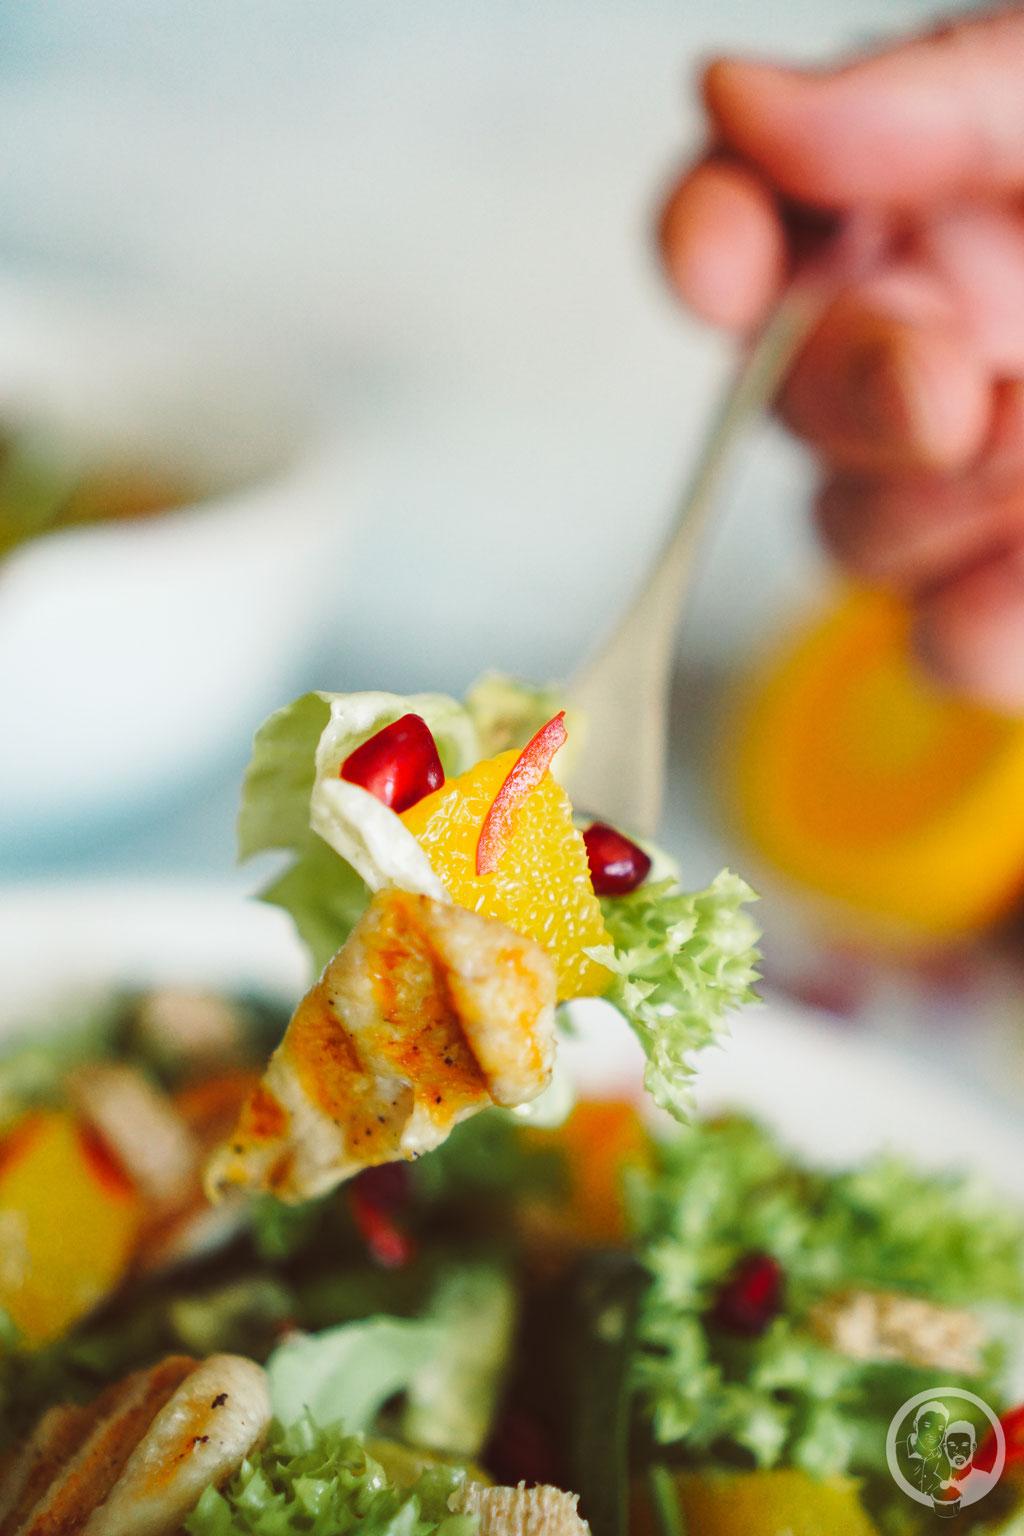 image 1 2 0 3 | Nachdem wir euch letzte Woche dasRezept fürunsere leckeren Kokosecken vorgestellt haben, die wir auch jetzt gerne nochmal auf dem Teller liegen haben würden, stellen wir euch heute wieder ein herzhaftes Rezept vor. Allerdings stimmt das nicht ganz, denn wie der Name schon sagt, ist ein Salat mit Orangendressing nicht wirklich nur herzhaft.